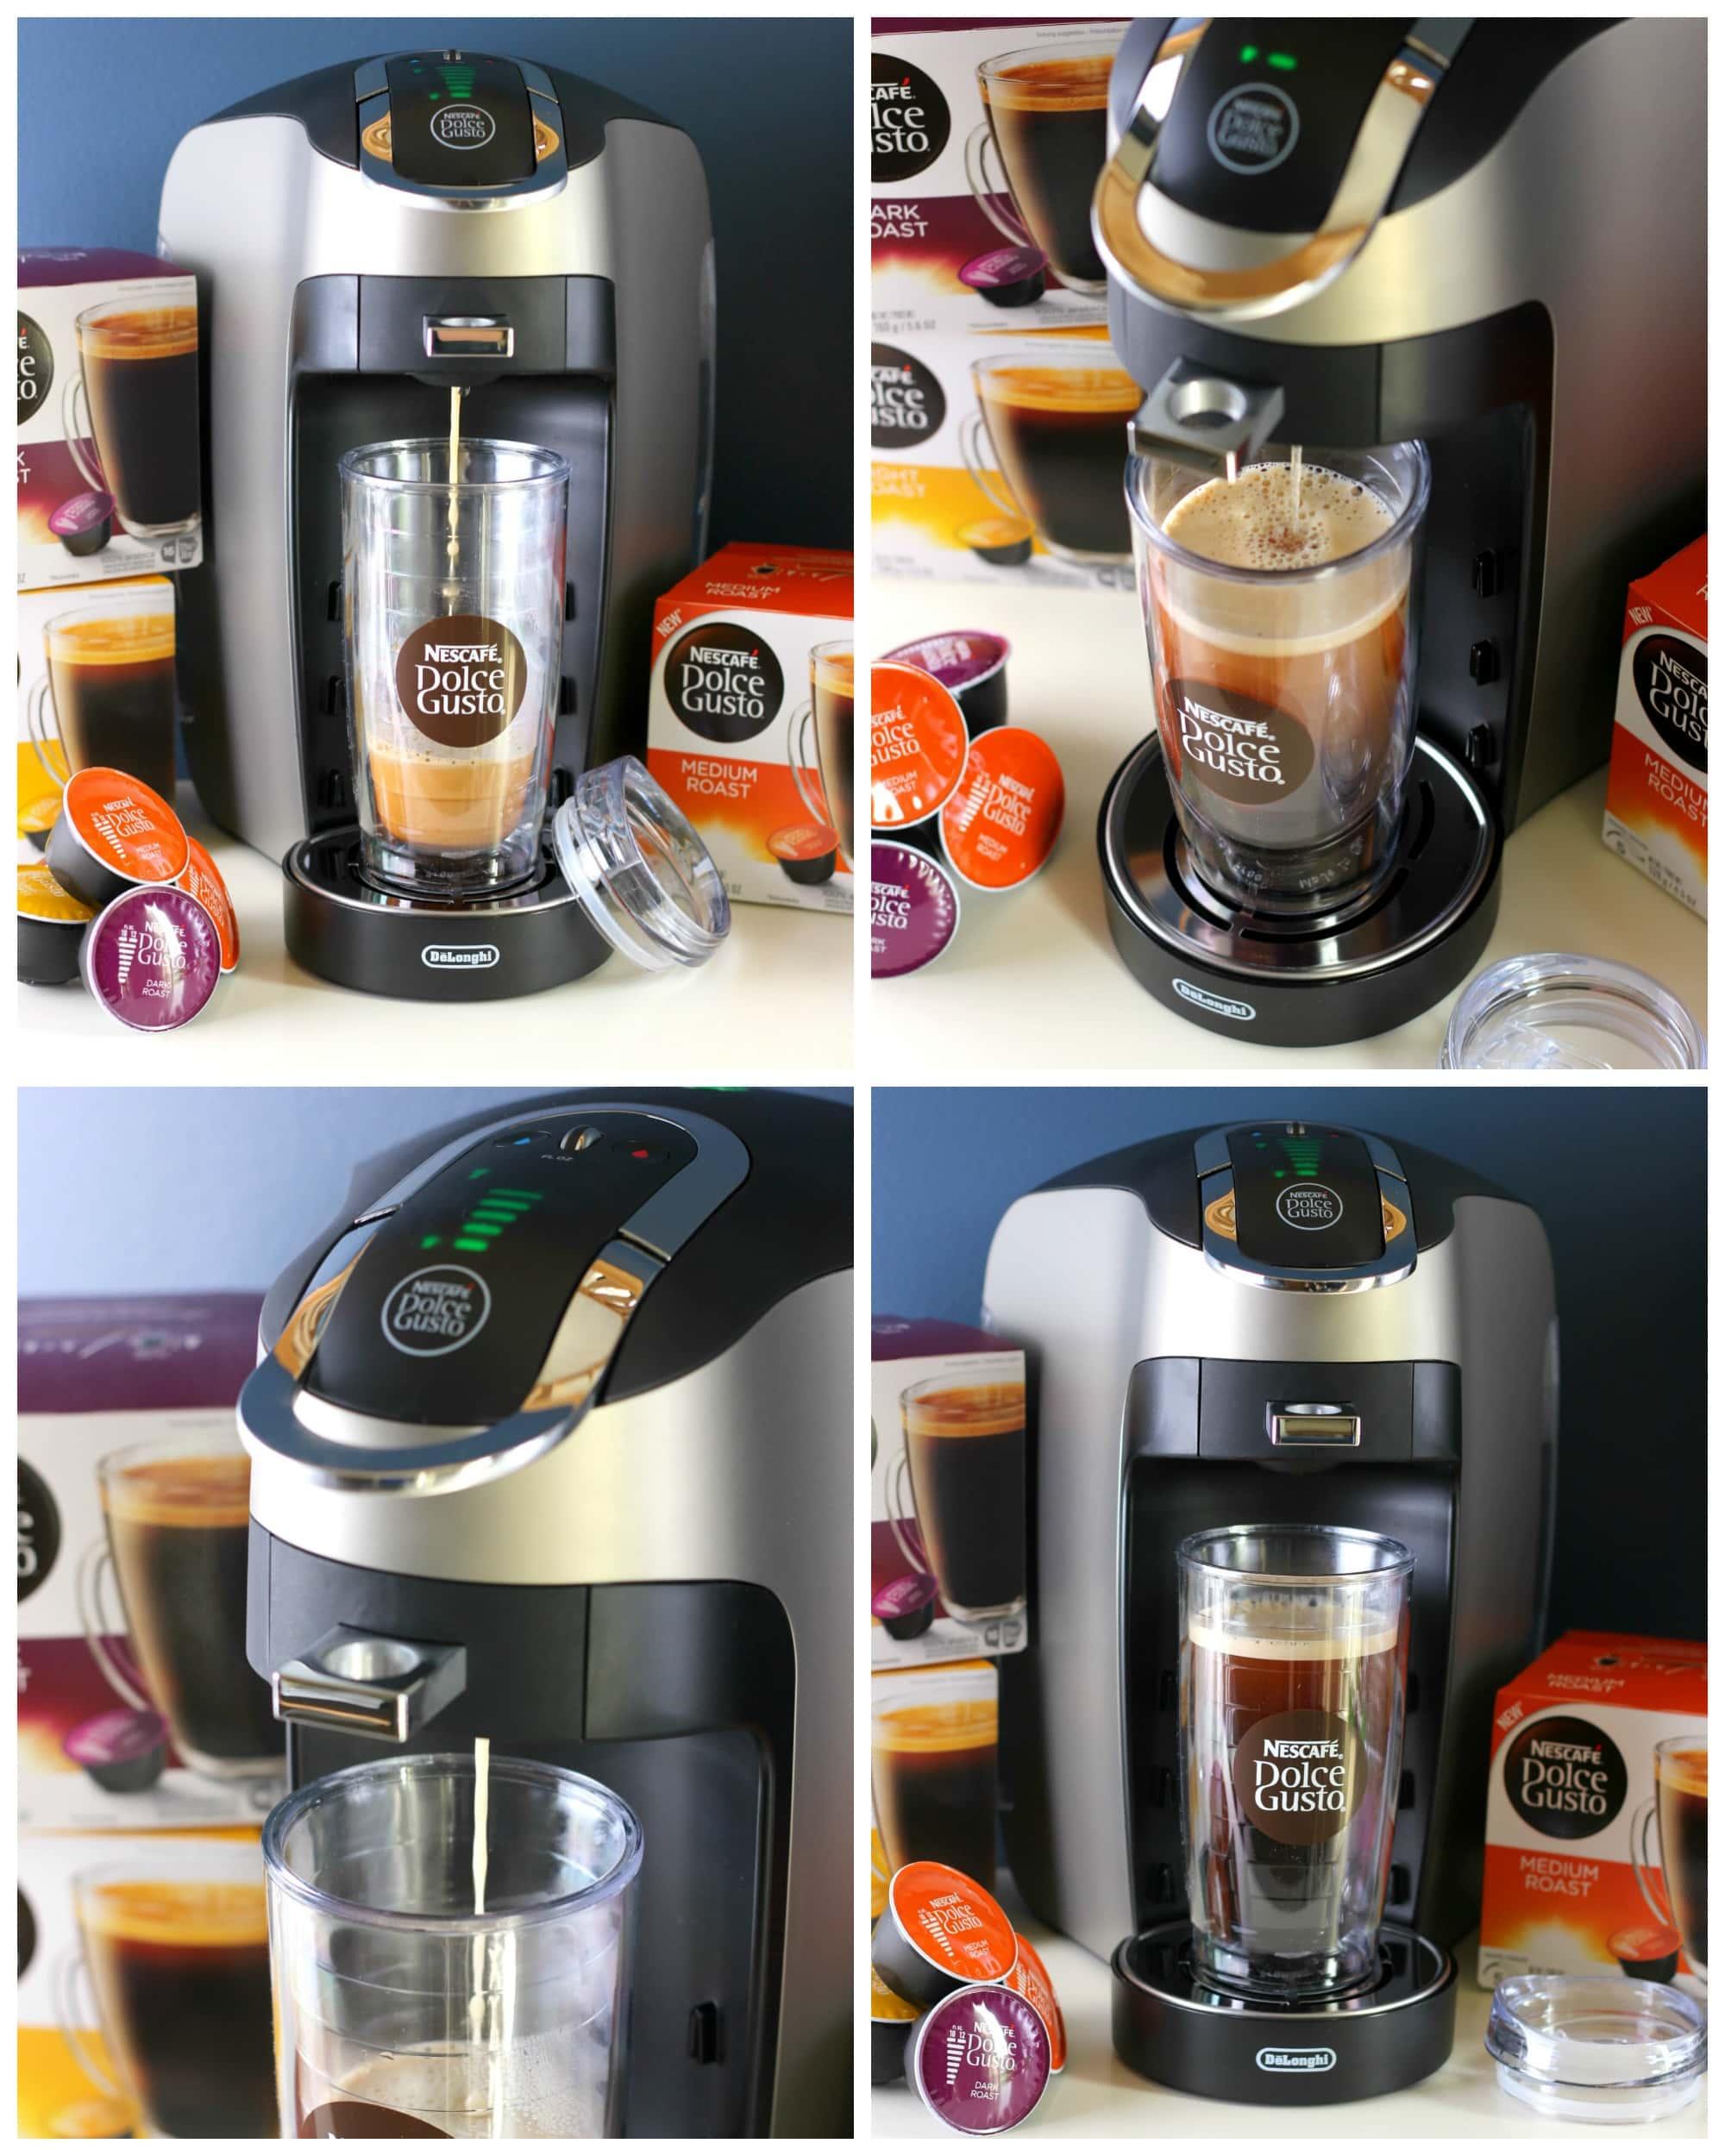 NESCAFÉ Dolce Gusto Coffee Pod Machine